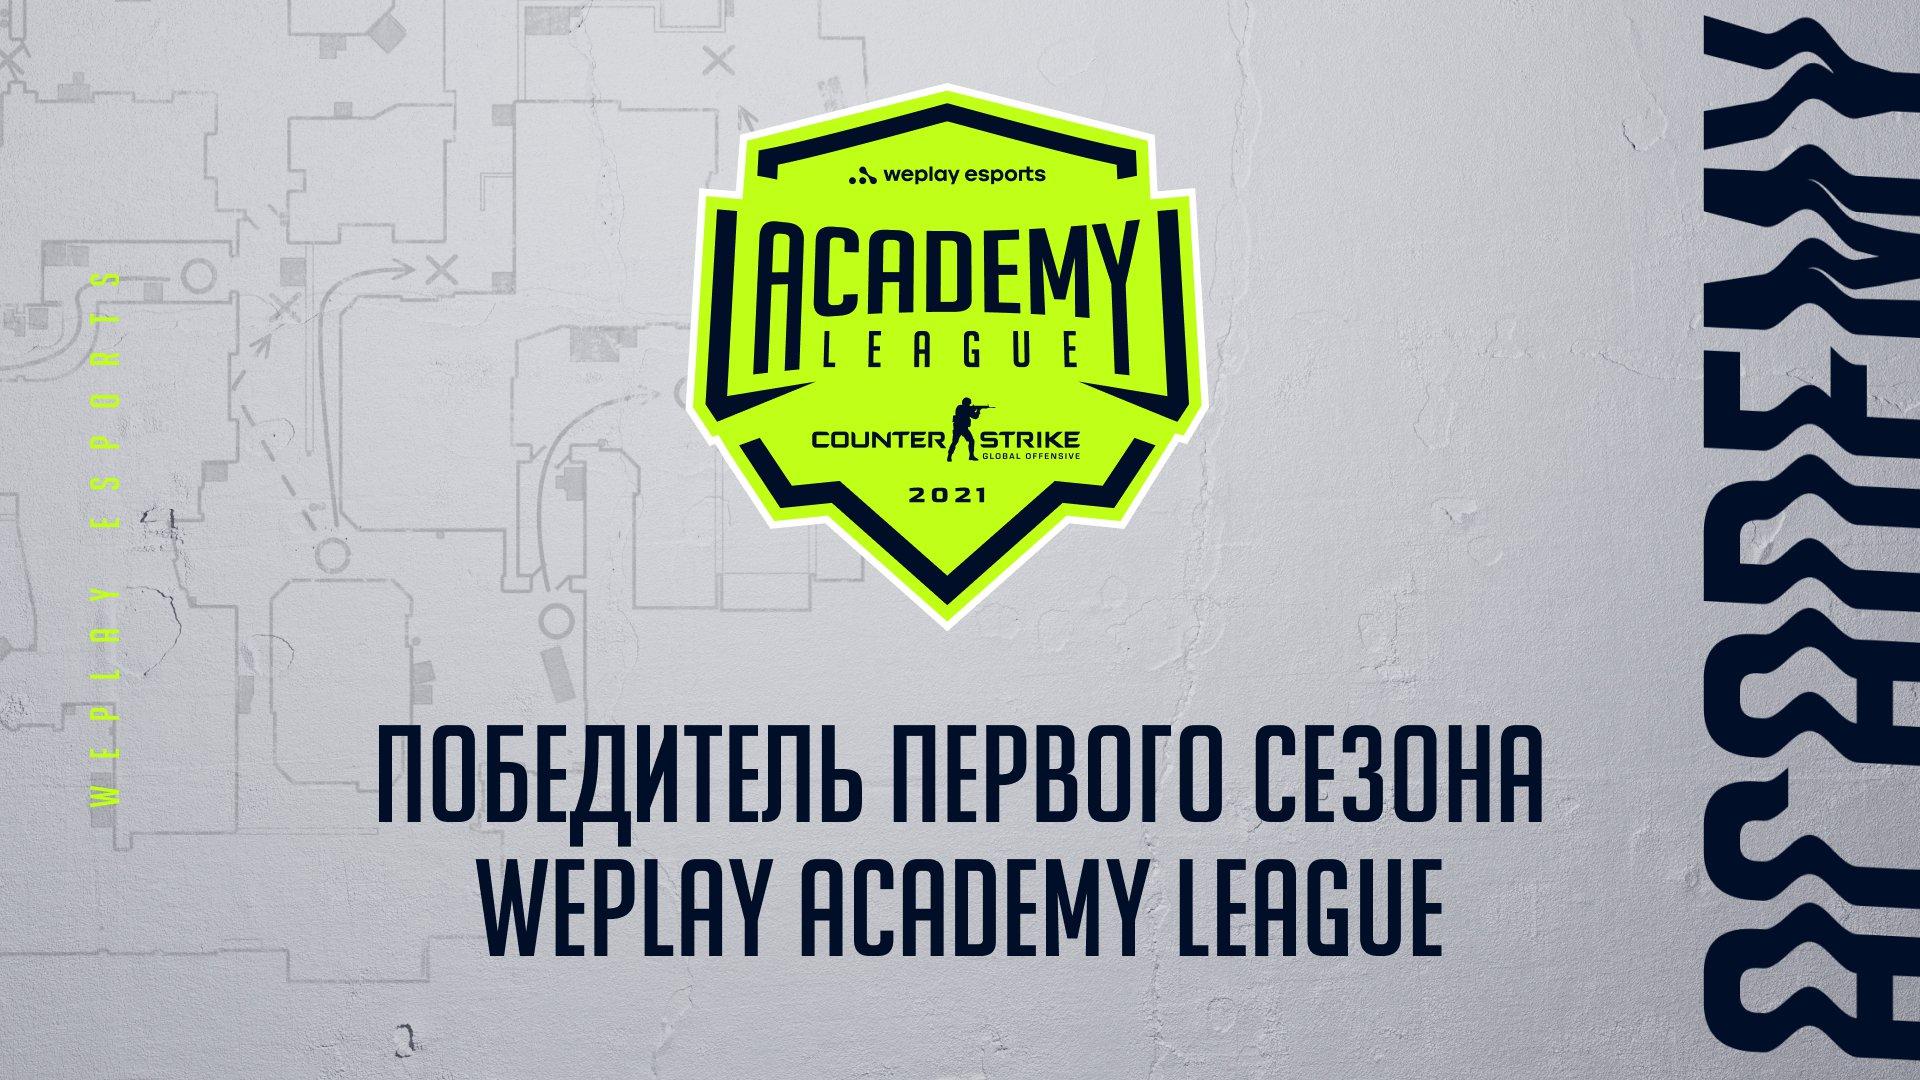 Победители первого сезона WePlay Academy League. Изображение: WePlay Holding